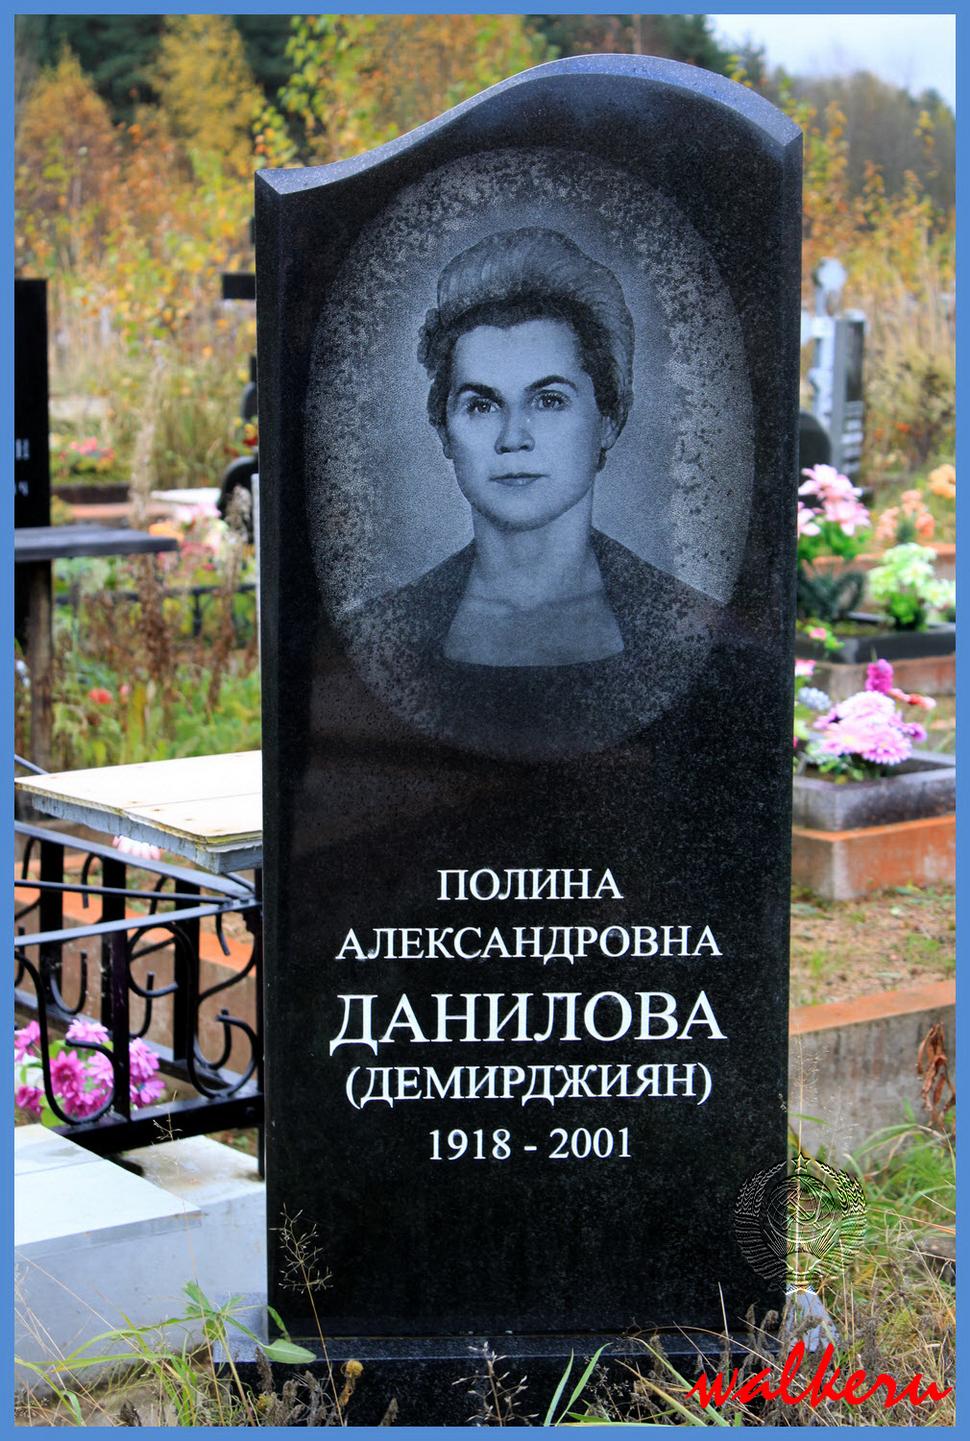 Могила Даниловой П.А. на Северном кладбище